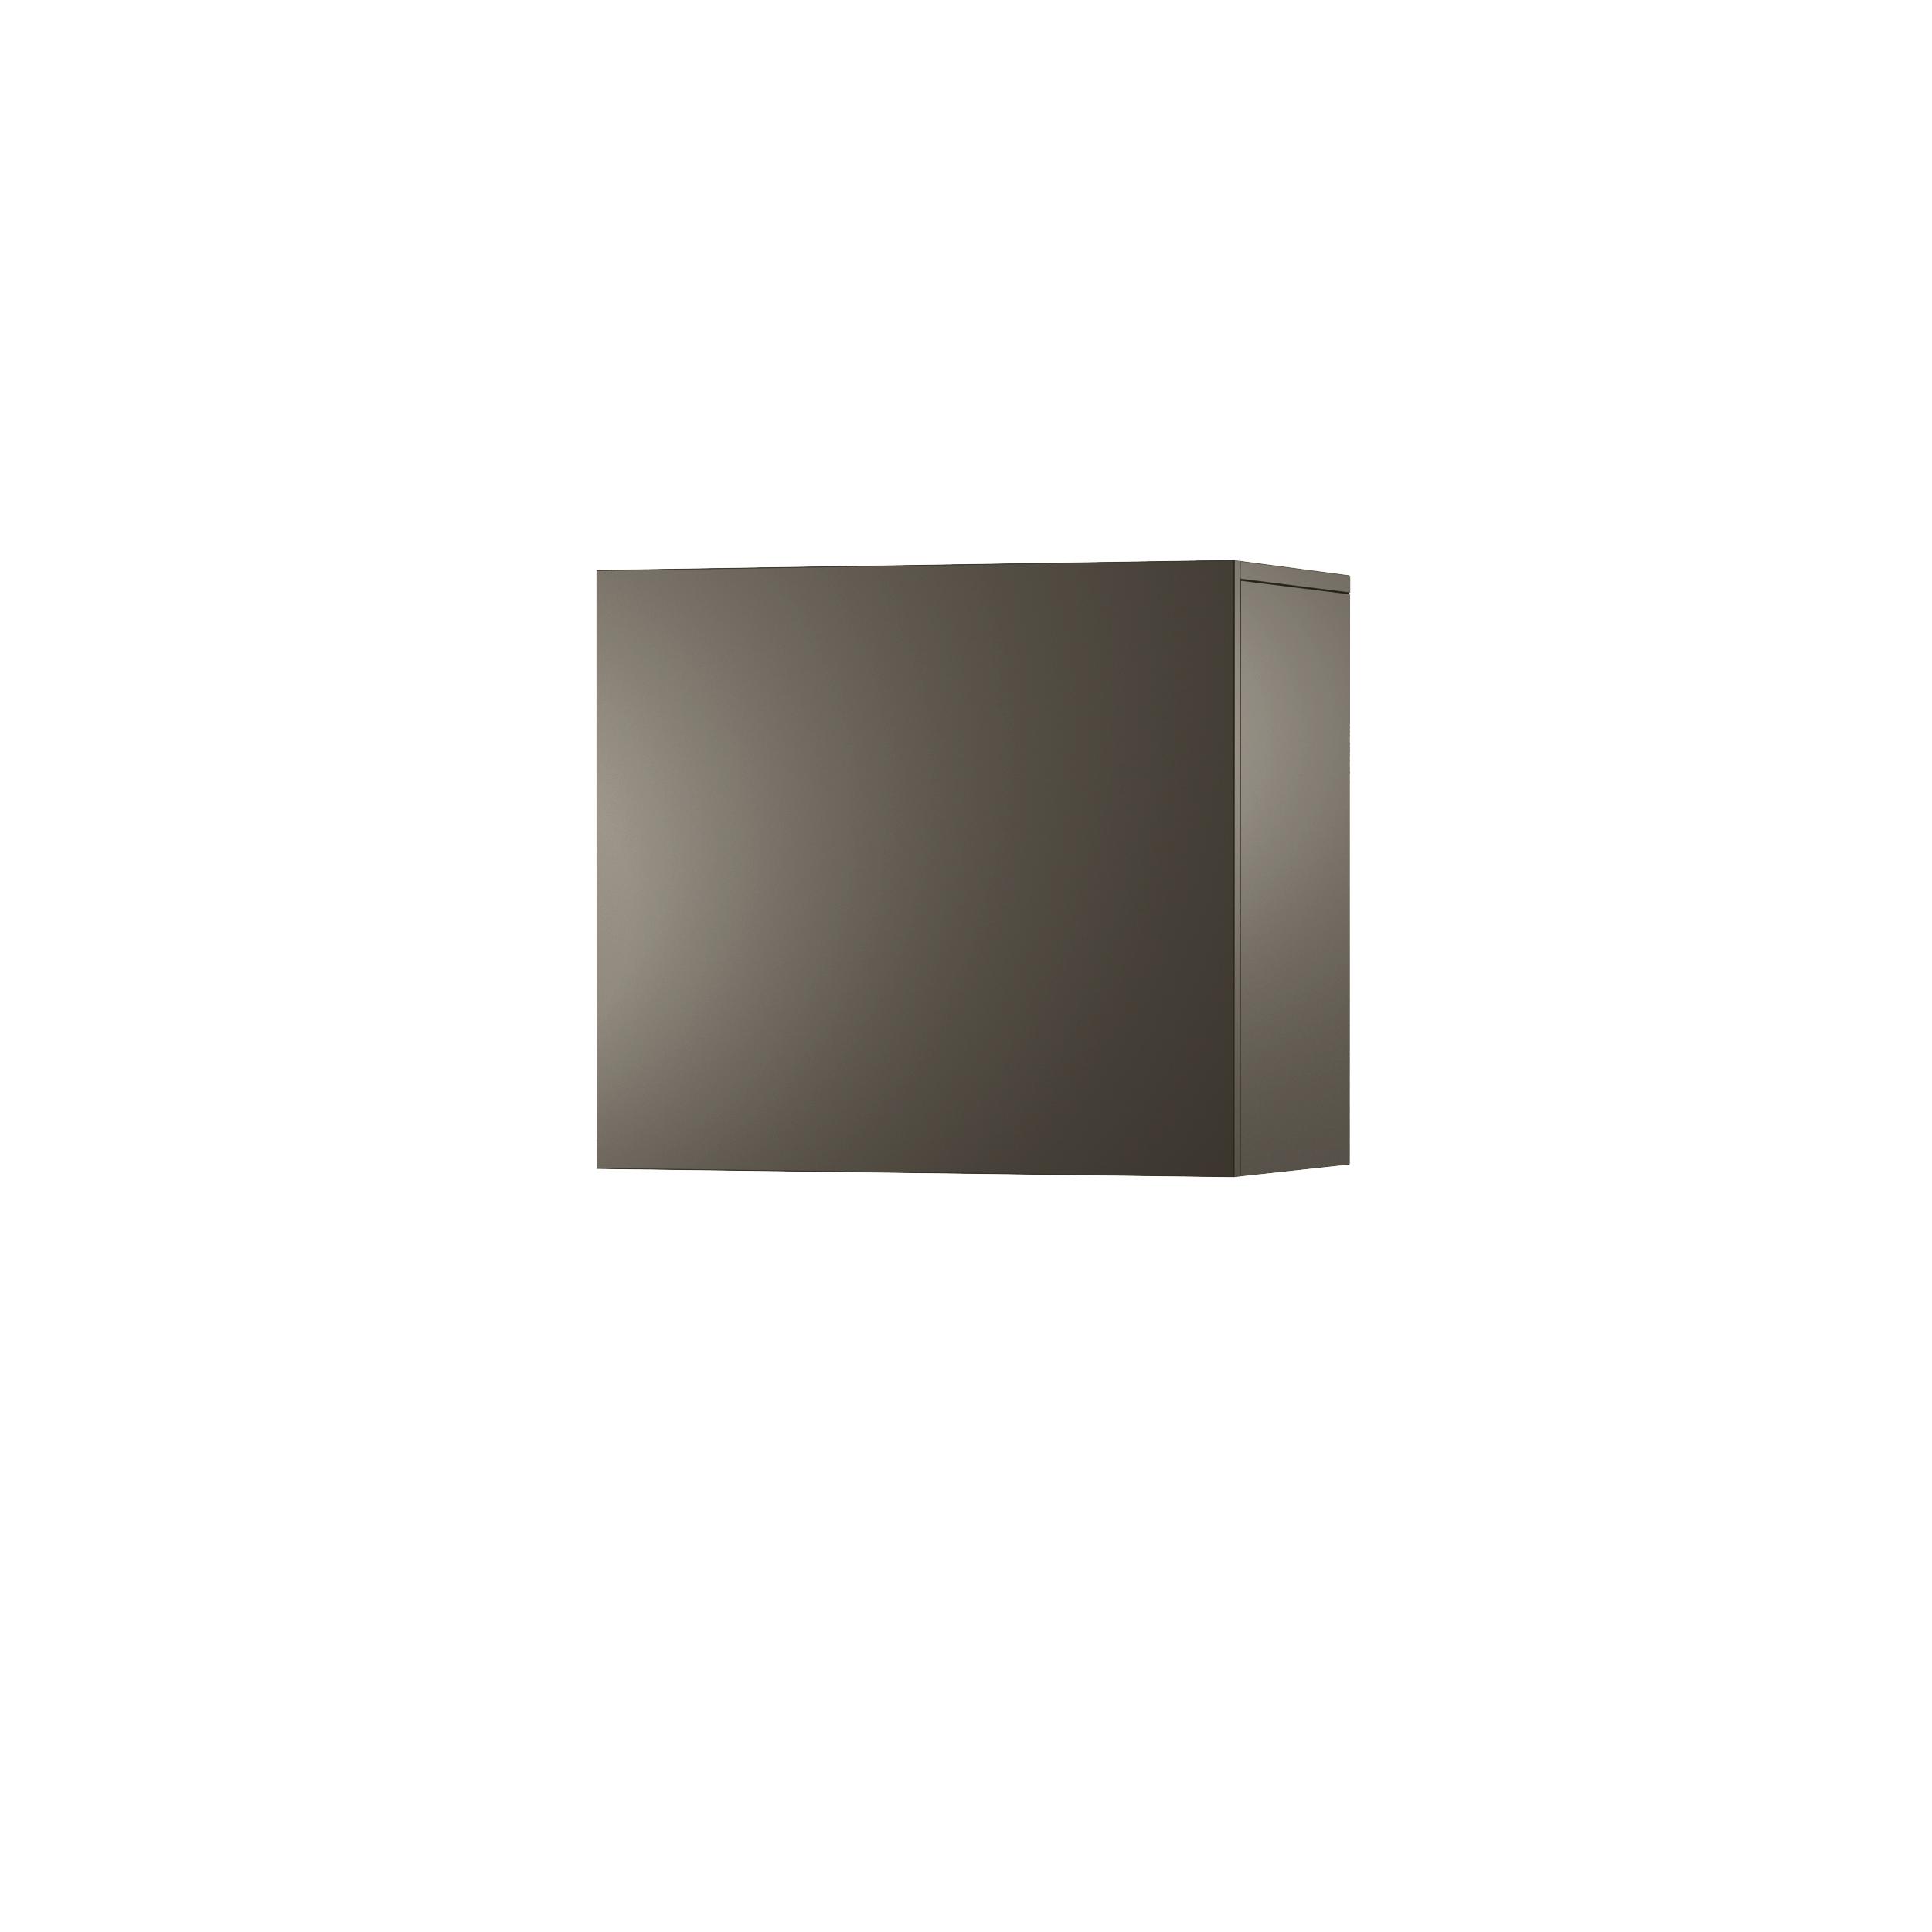 Dulap Modular Nook Wide Graphite  L65xl37xh58 Cm